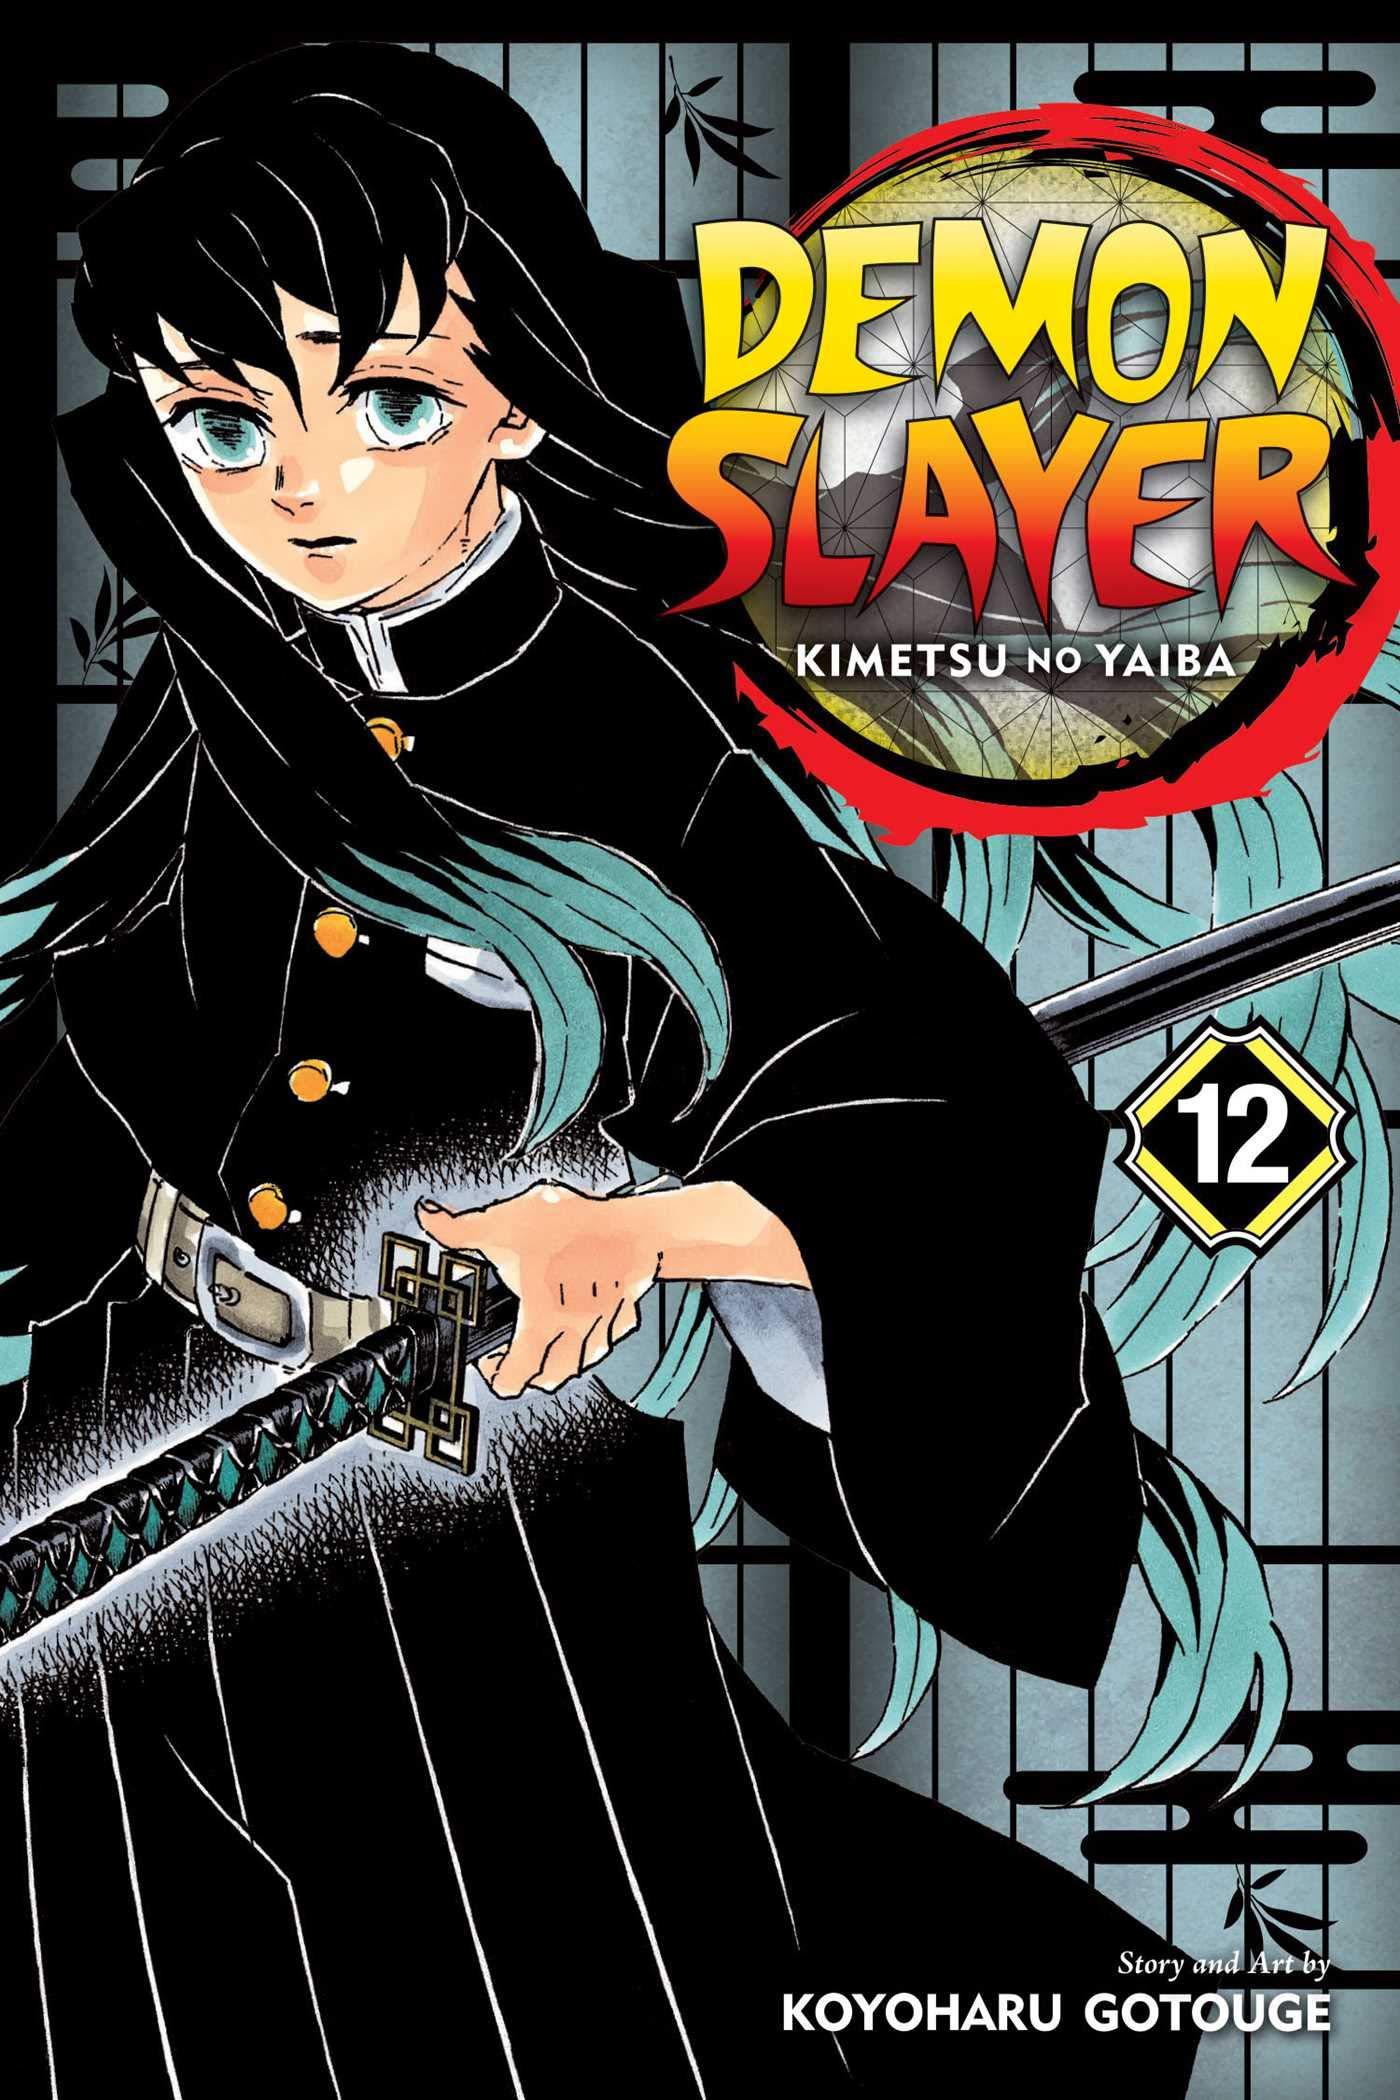 المجلد رقم 12 من Demon Slayer يتصدر المبيعات حسب تقييم موقع BookScan !